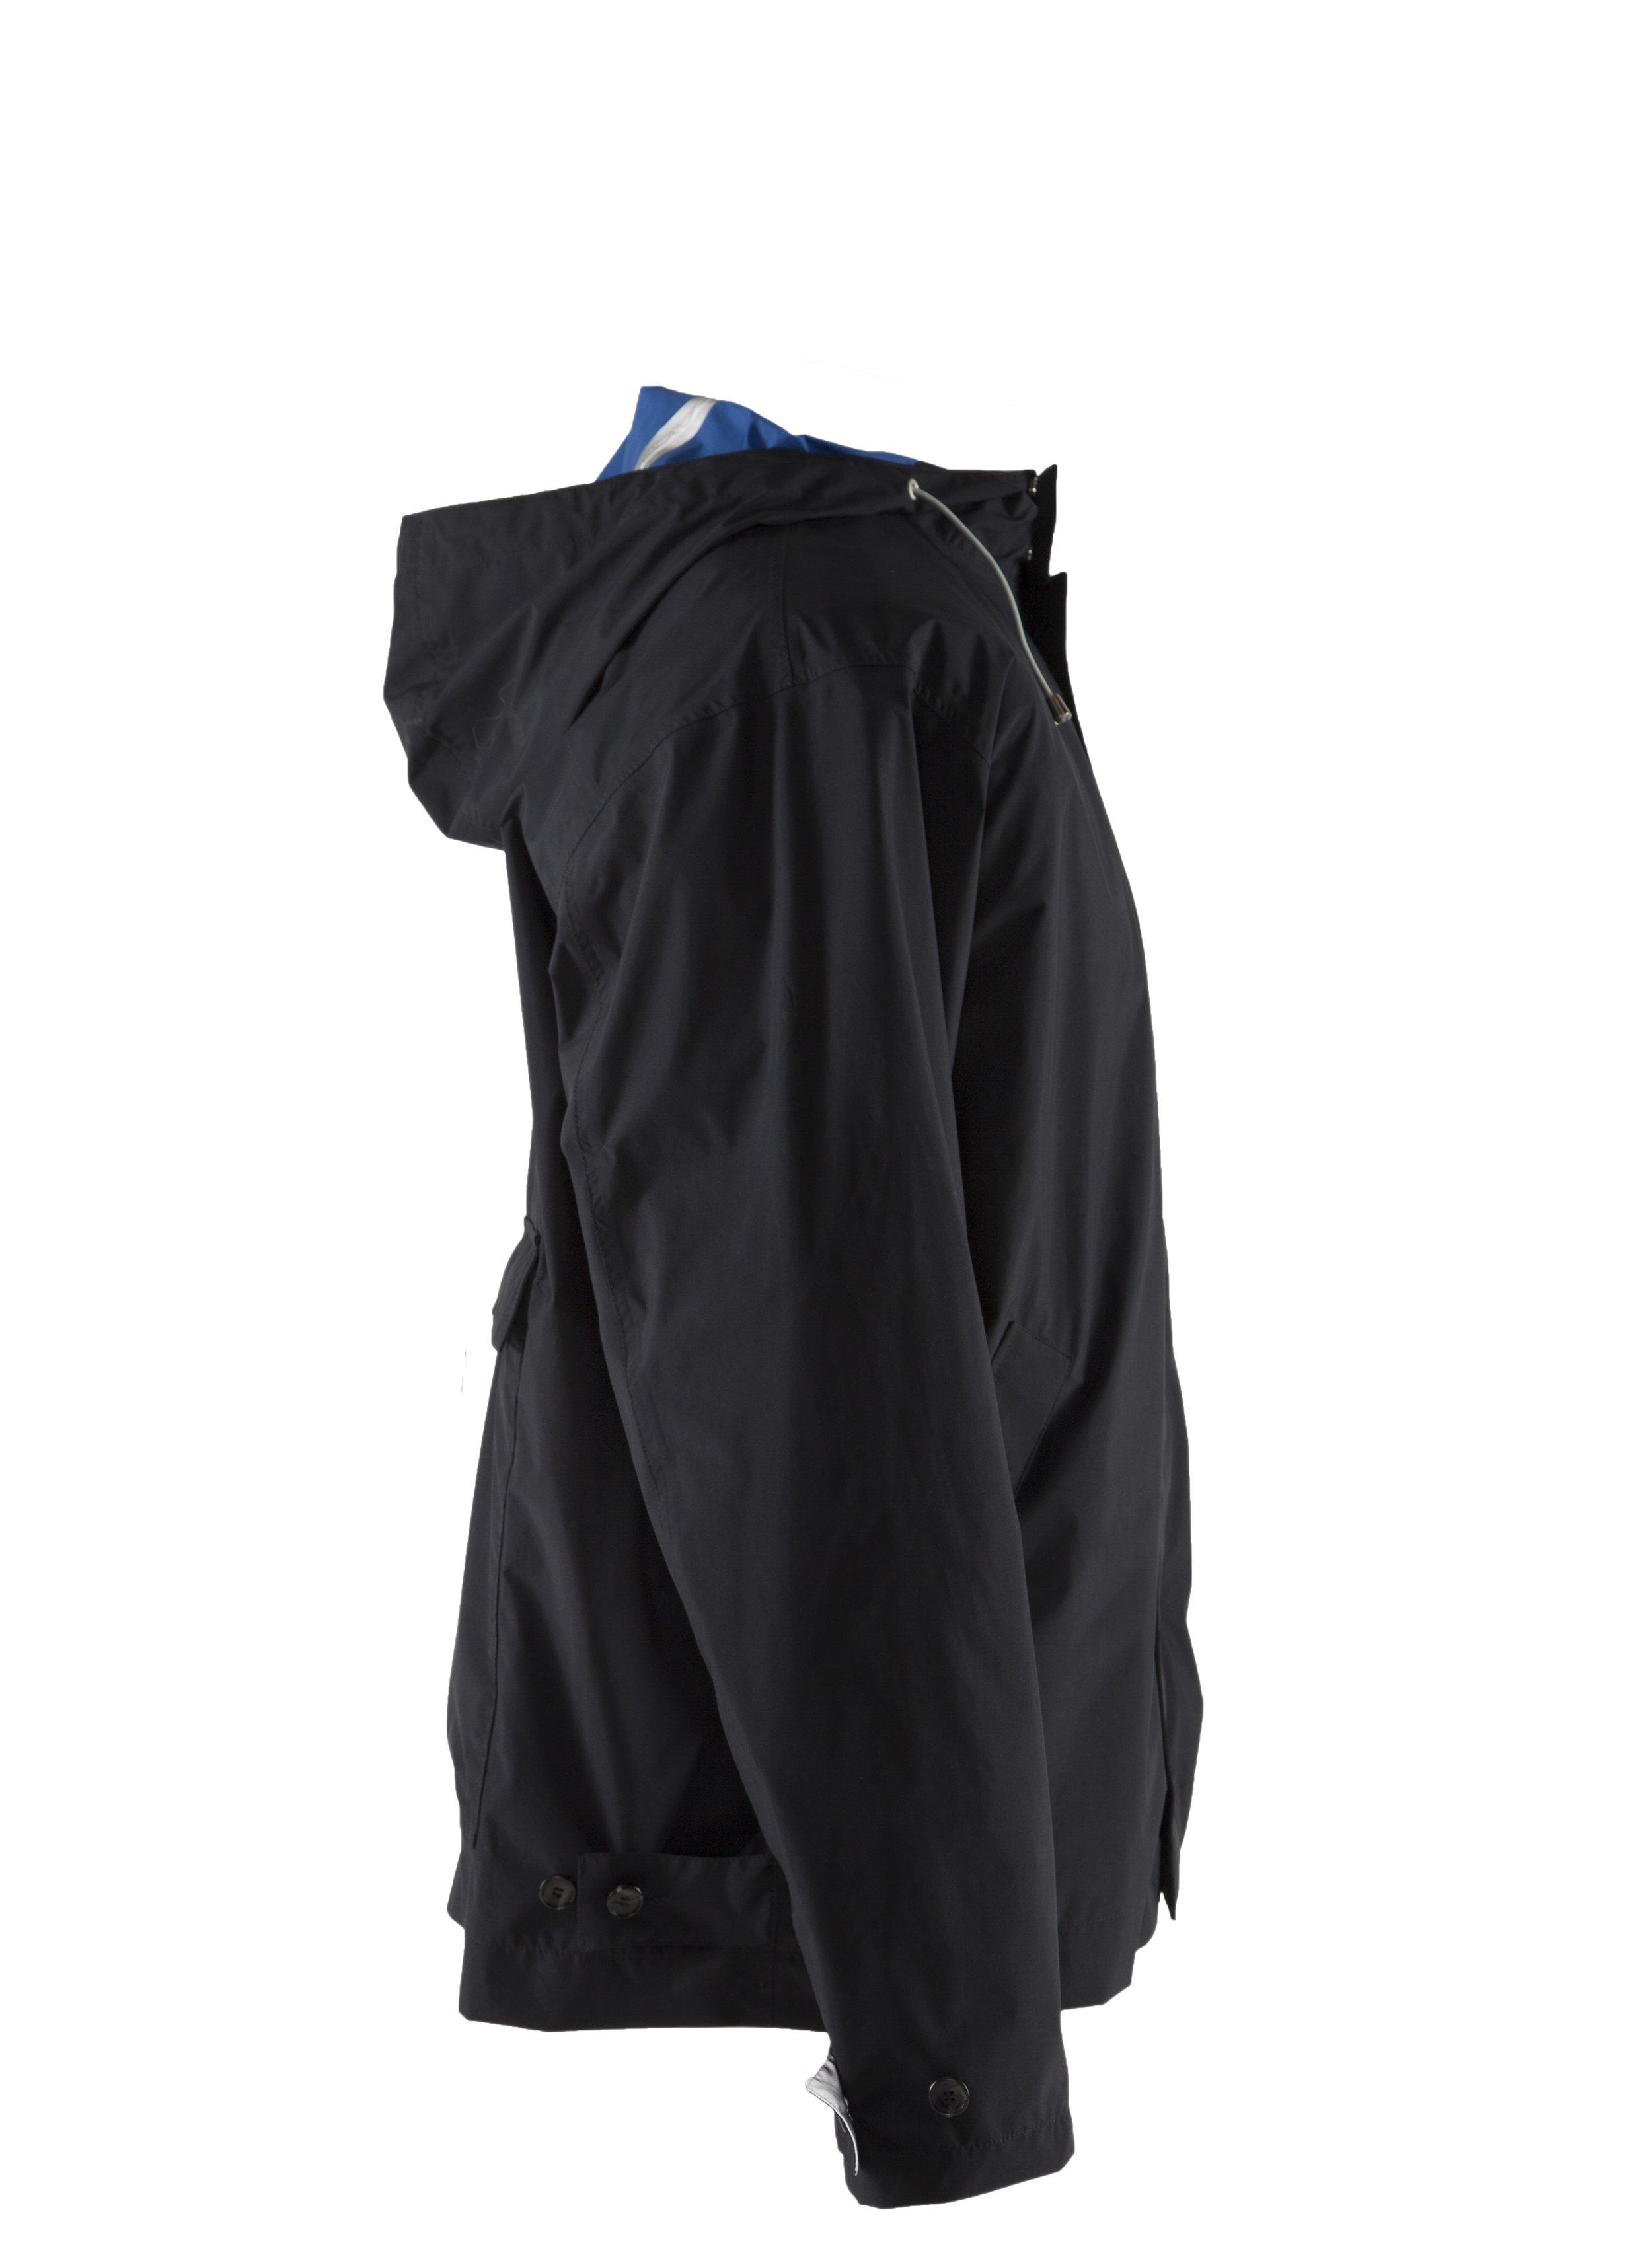 V2 - 5 Jacket Side.jpg